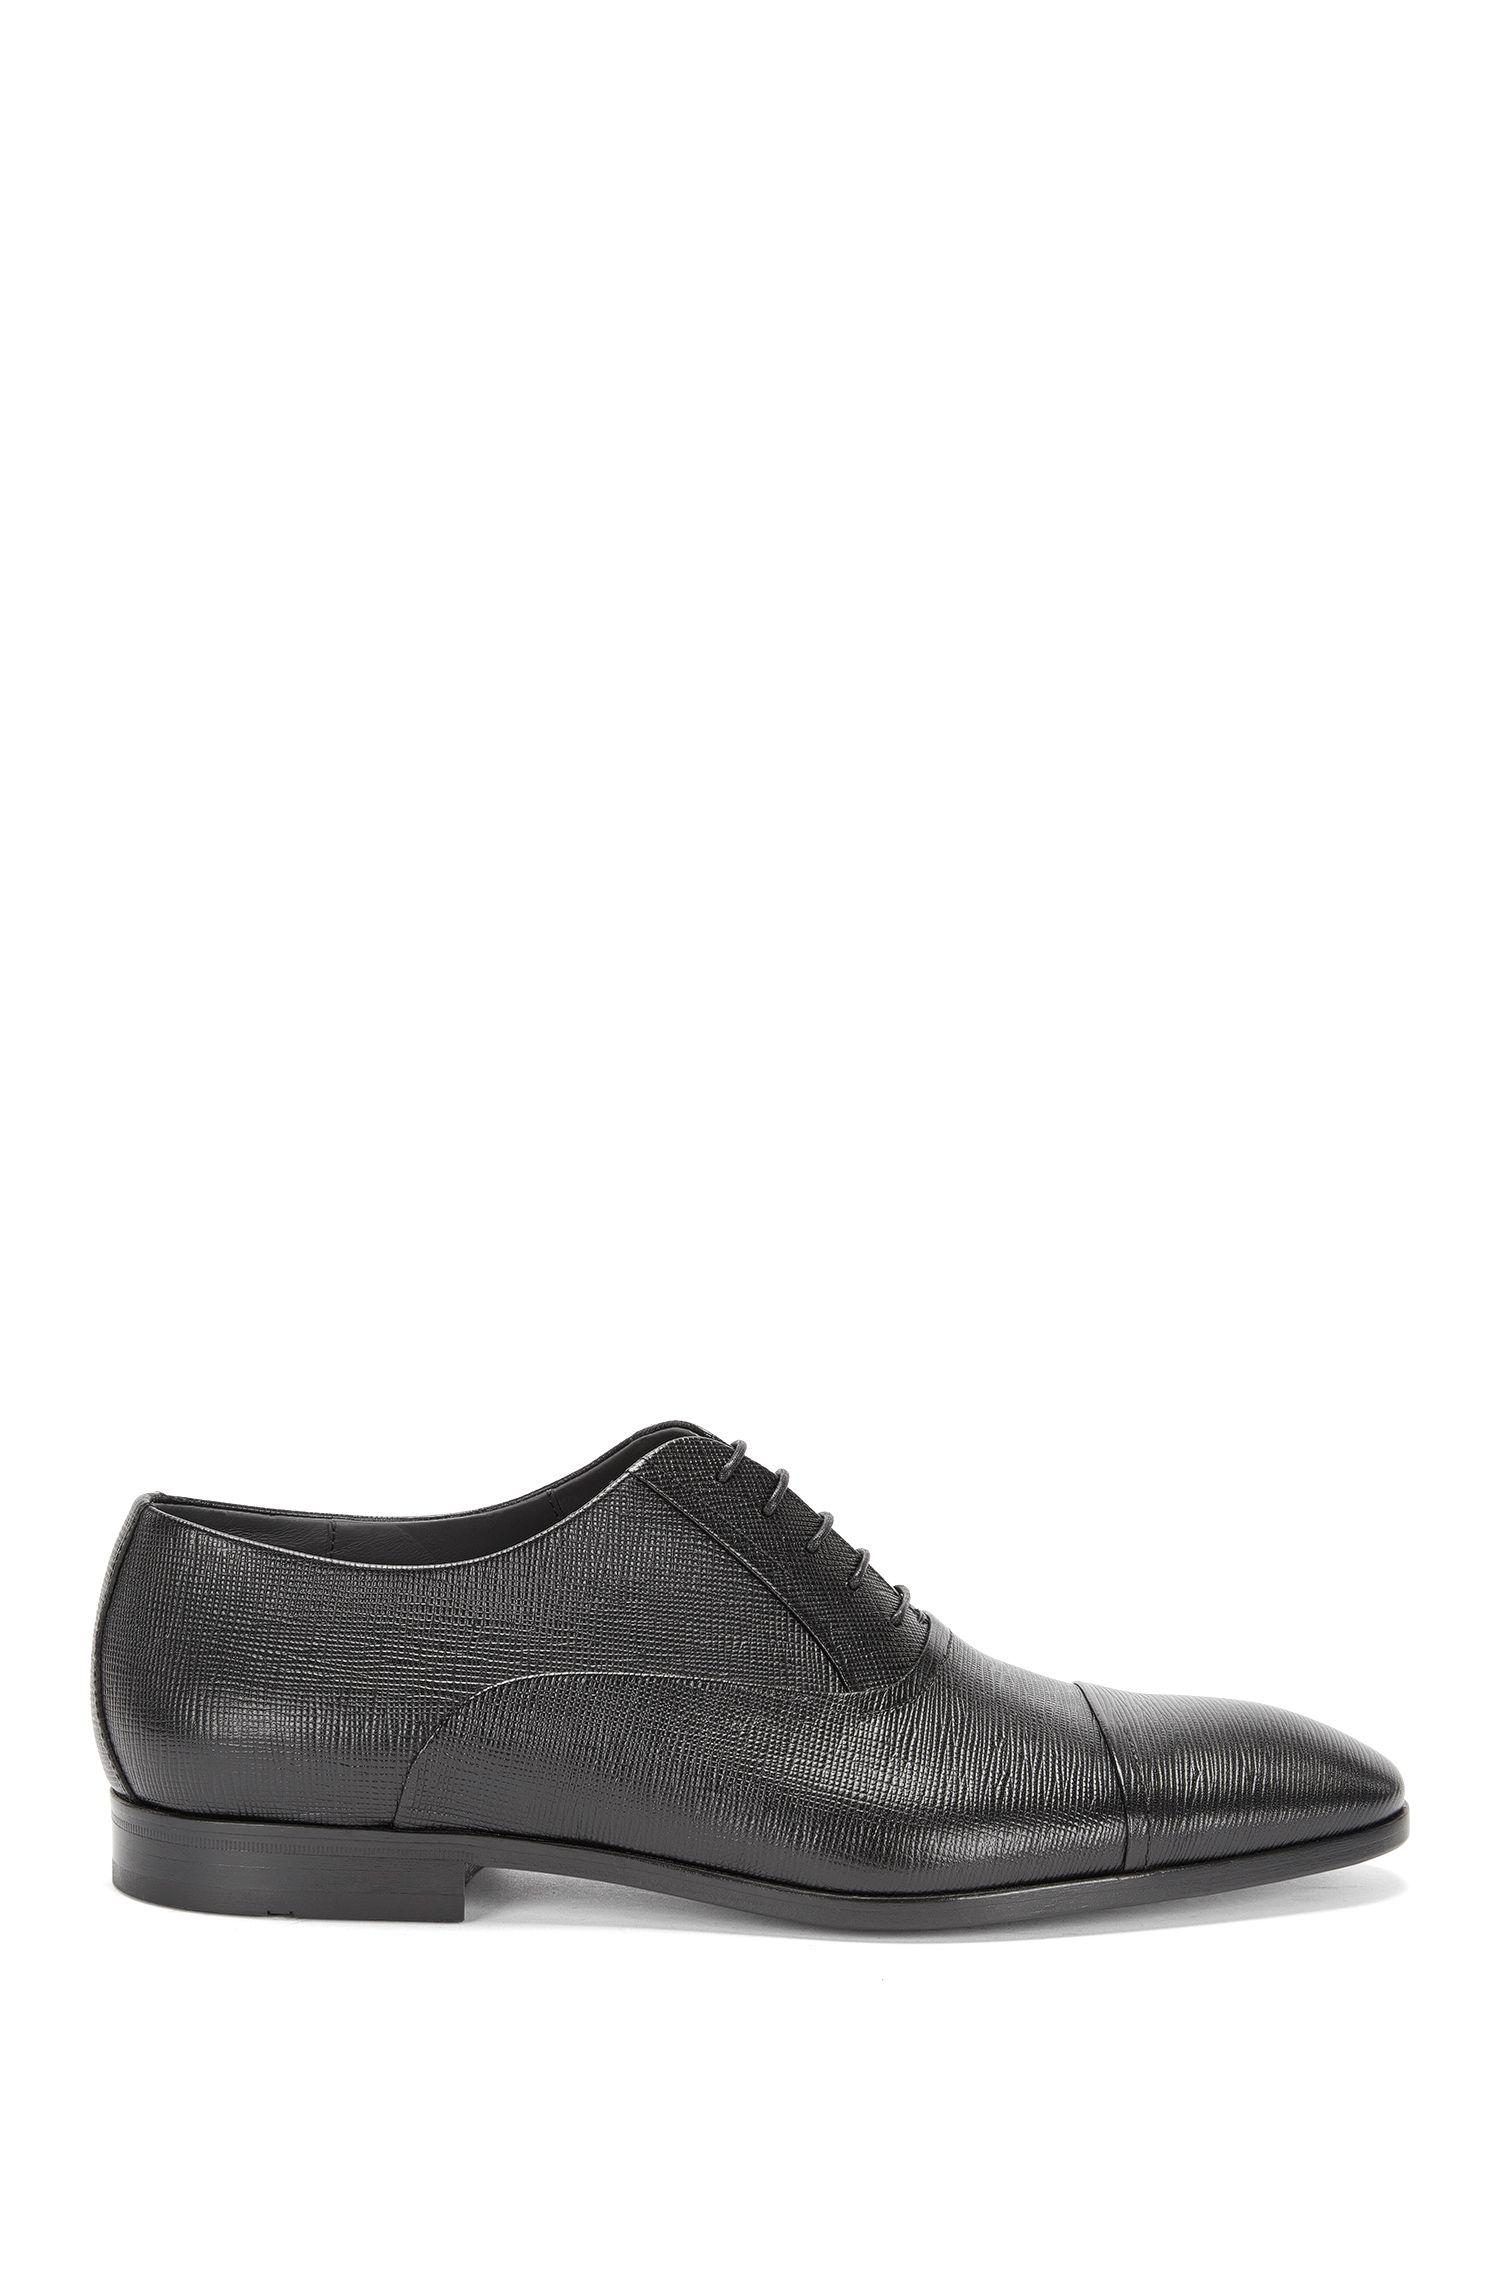 hugo boss formal shoes sale. Black Bedroom Furniture Sets. Home Design Ideas